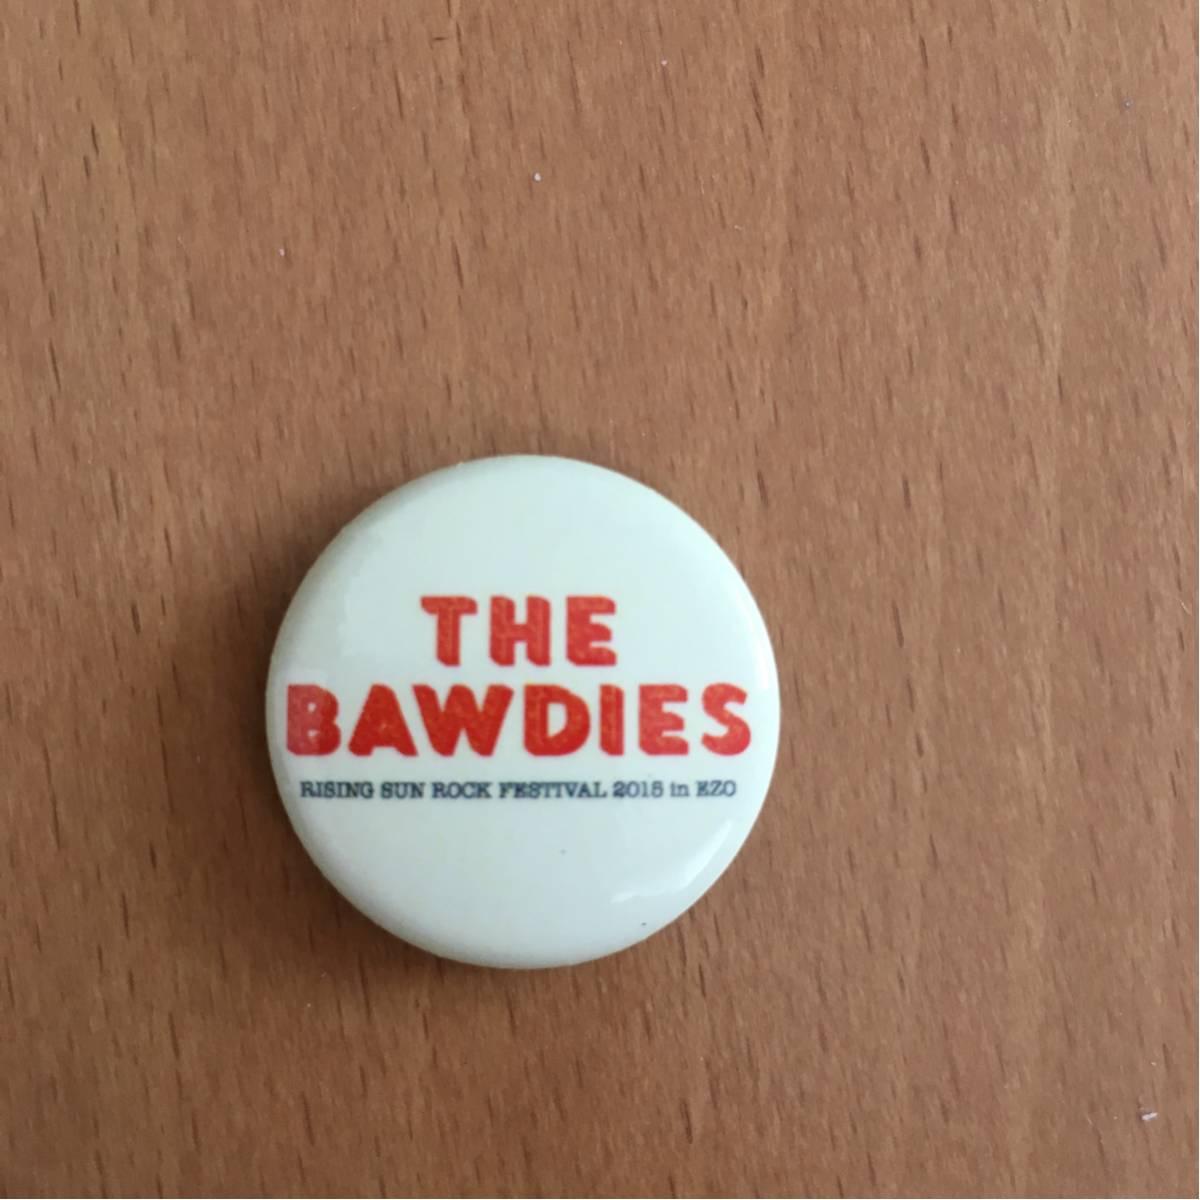 THE BAWDIES ライジングサンロックフェスティバル2015 ガチャ 缶バッジ RSR